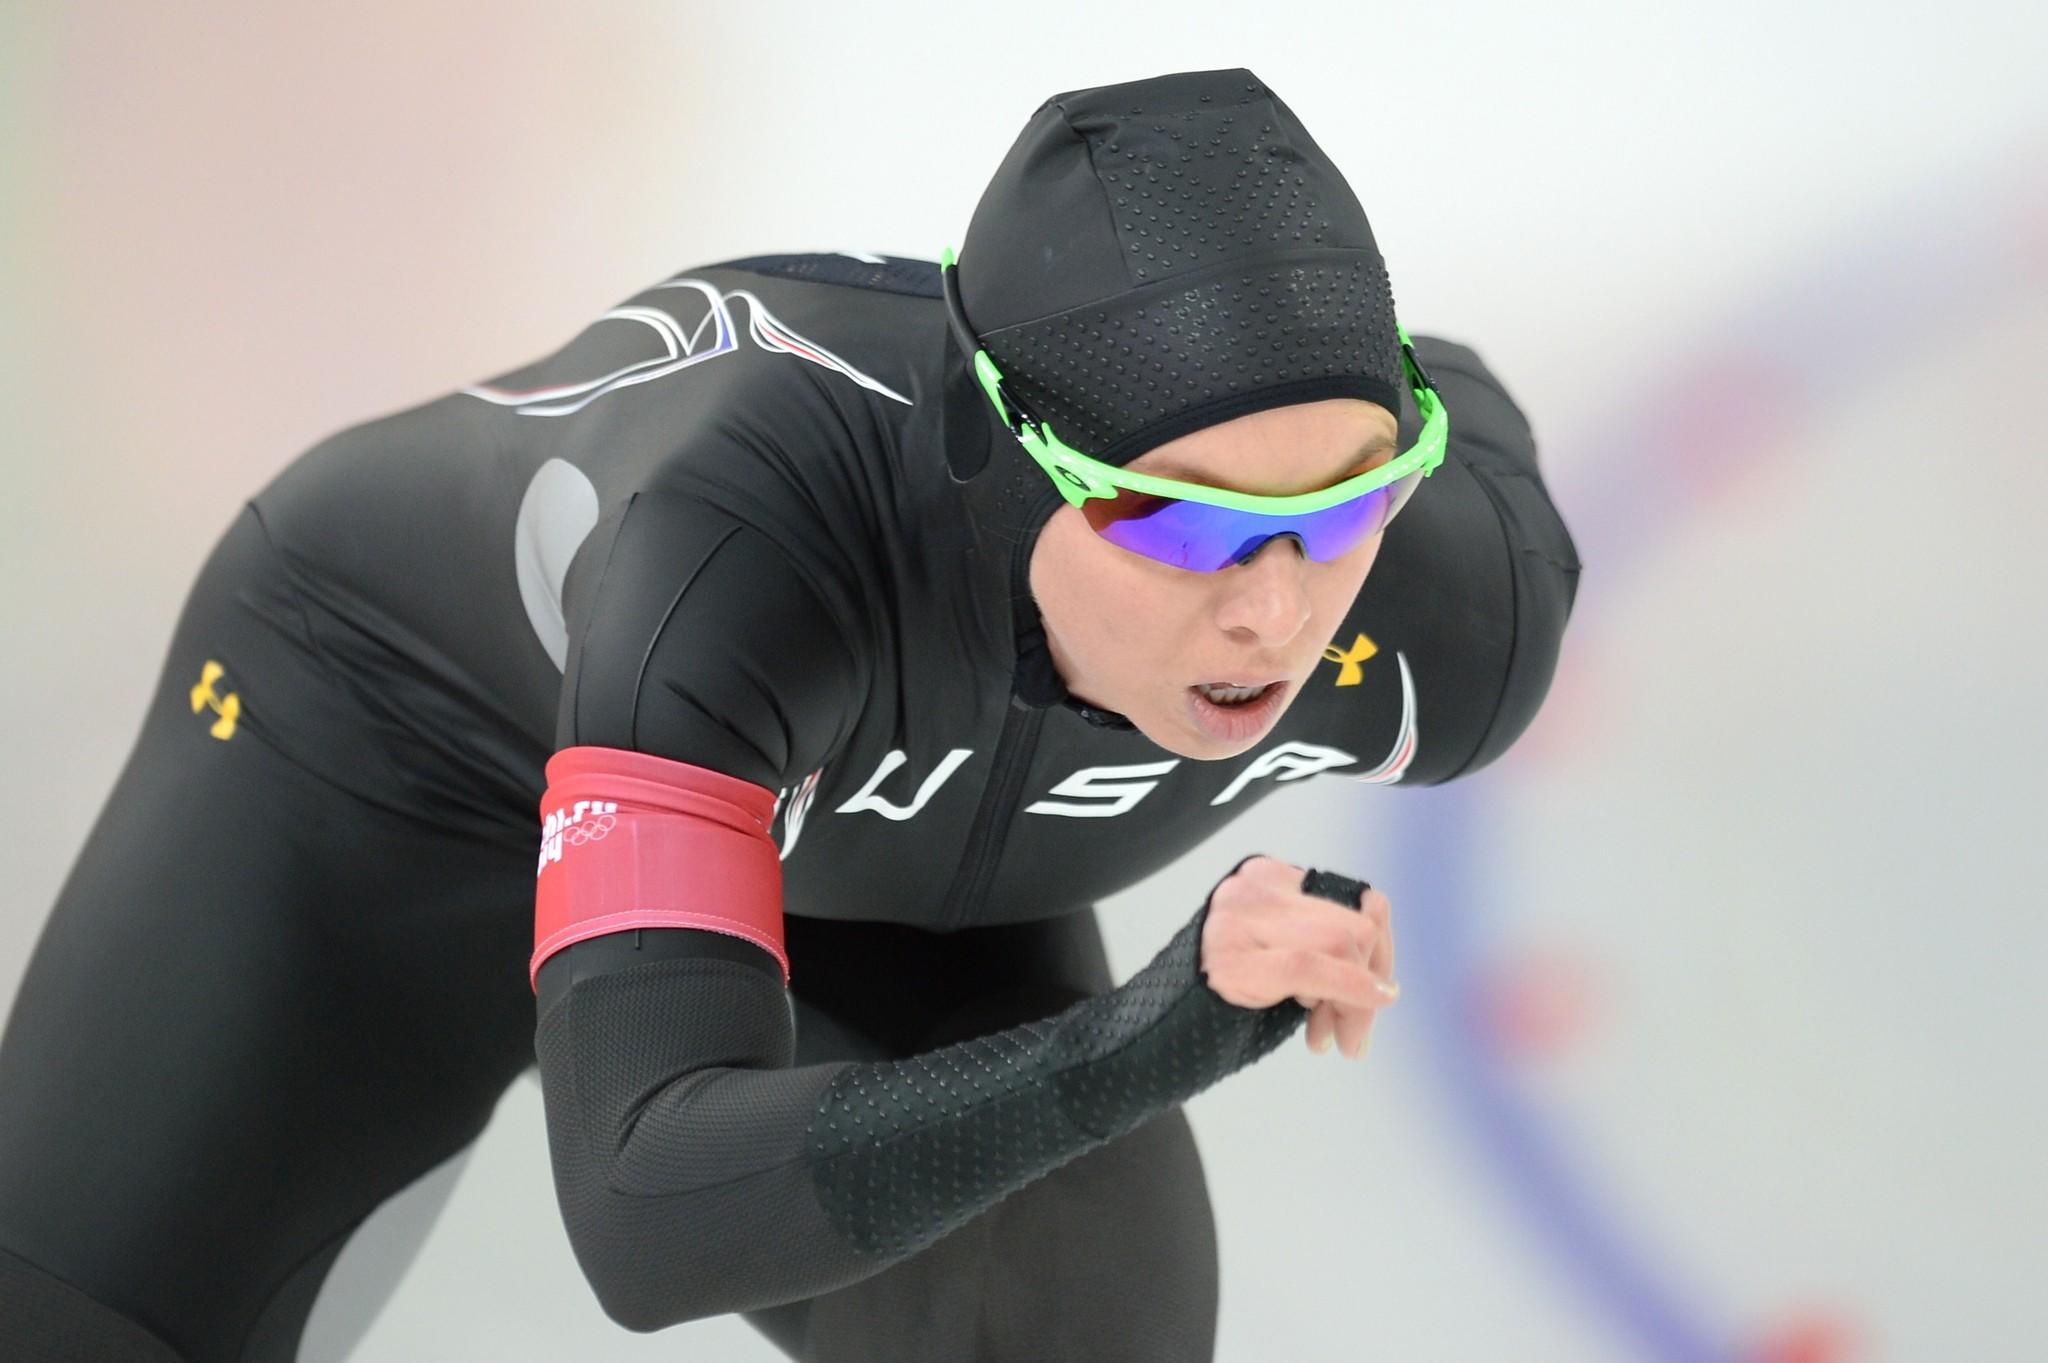 Jilleanne Rookard competes in the Women's Speedskating 3000 meters.